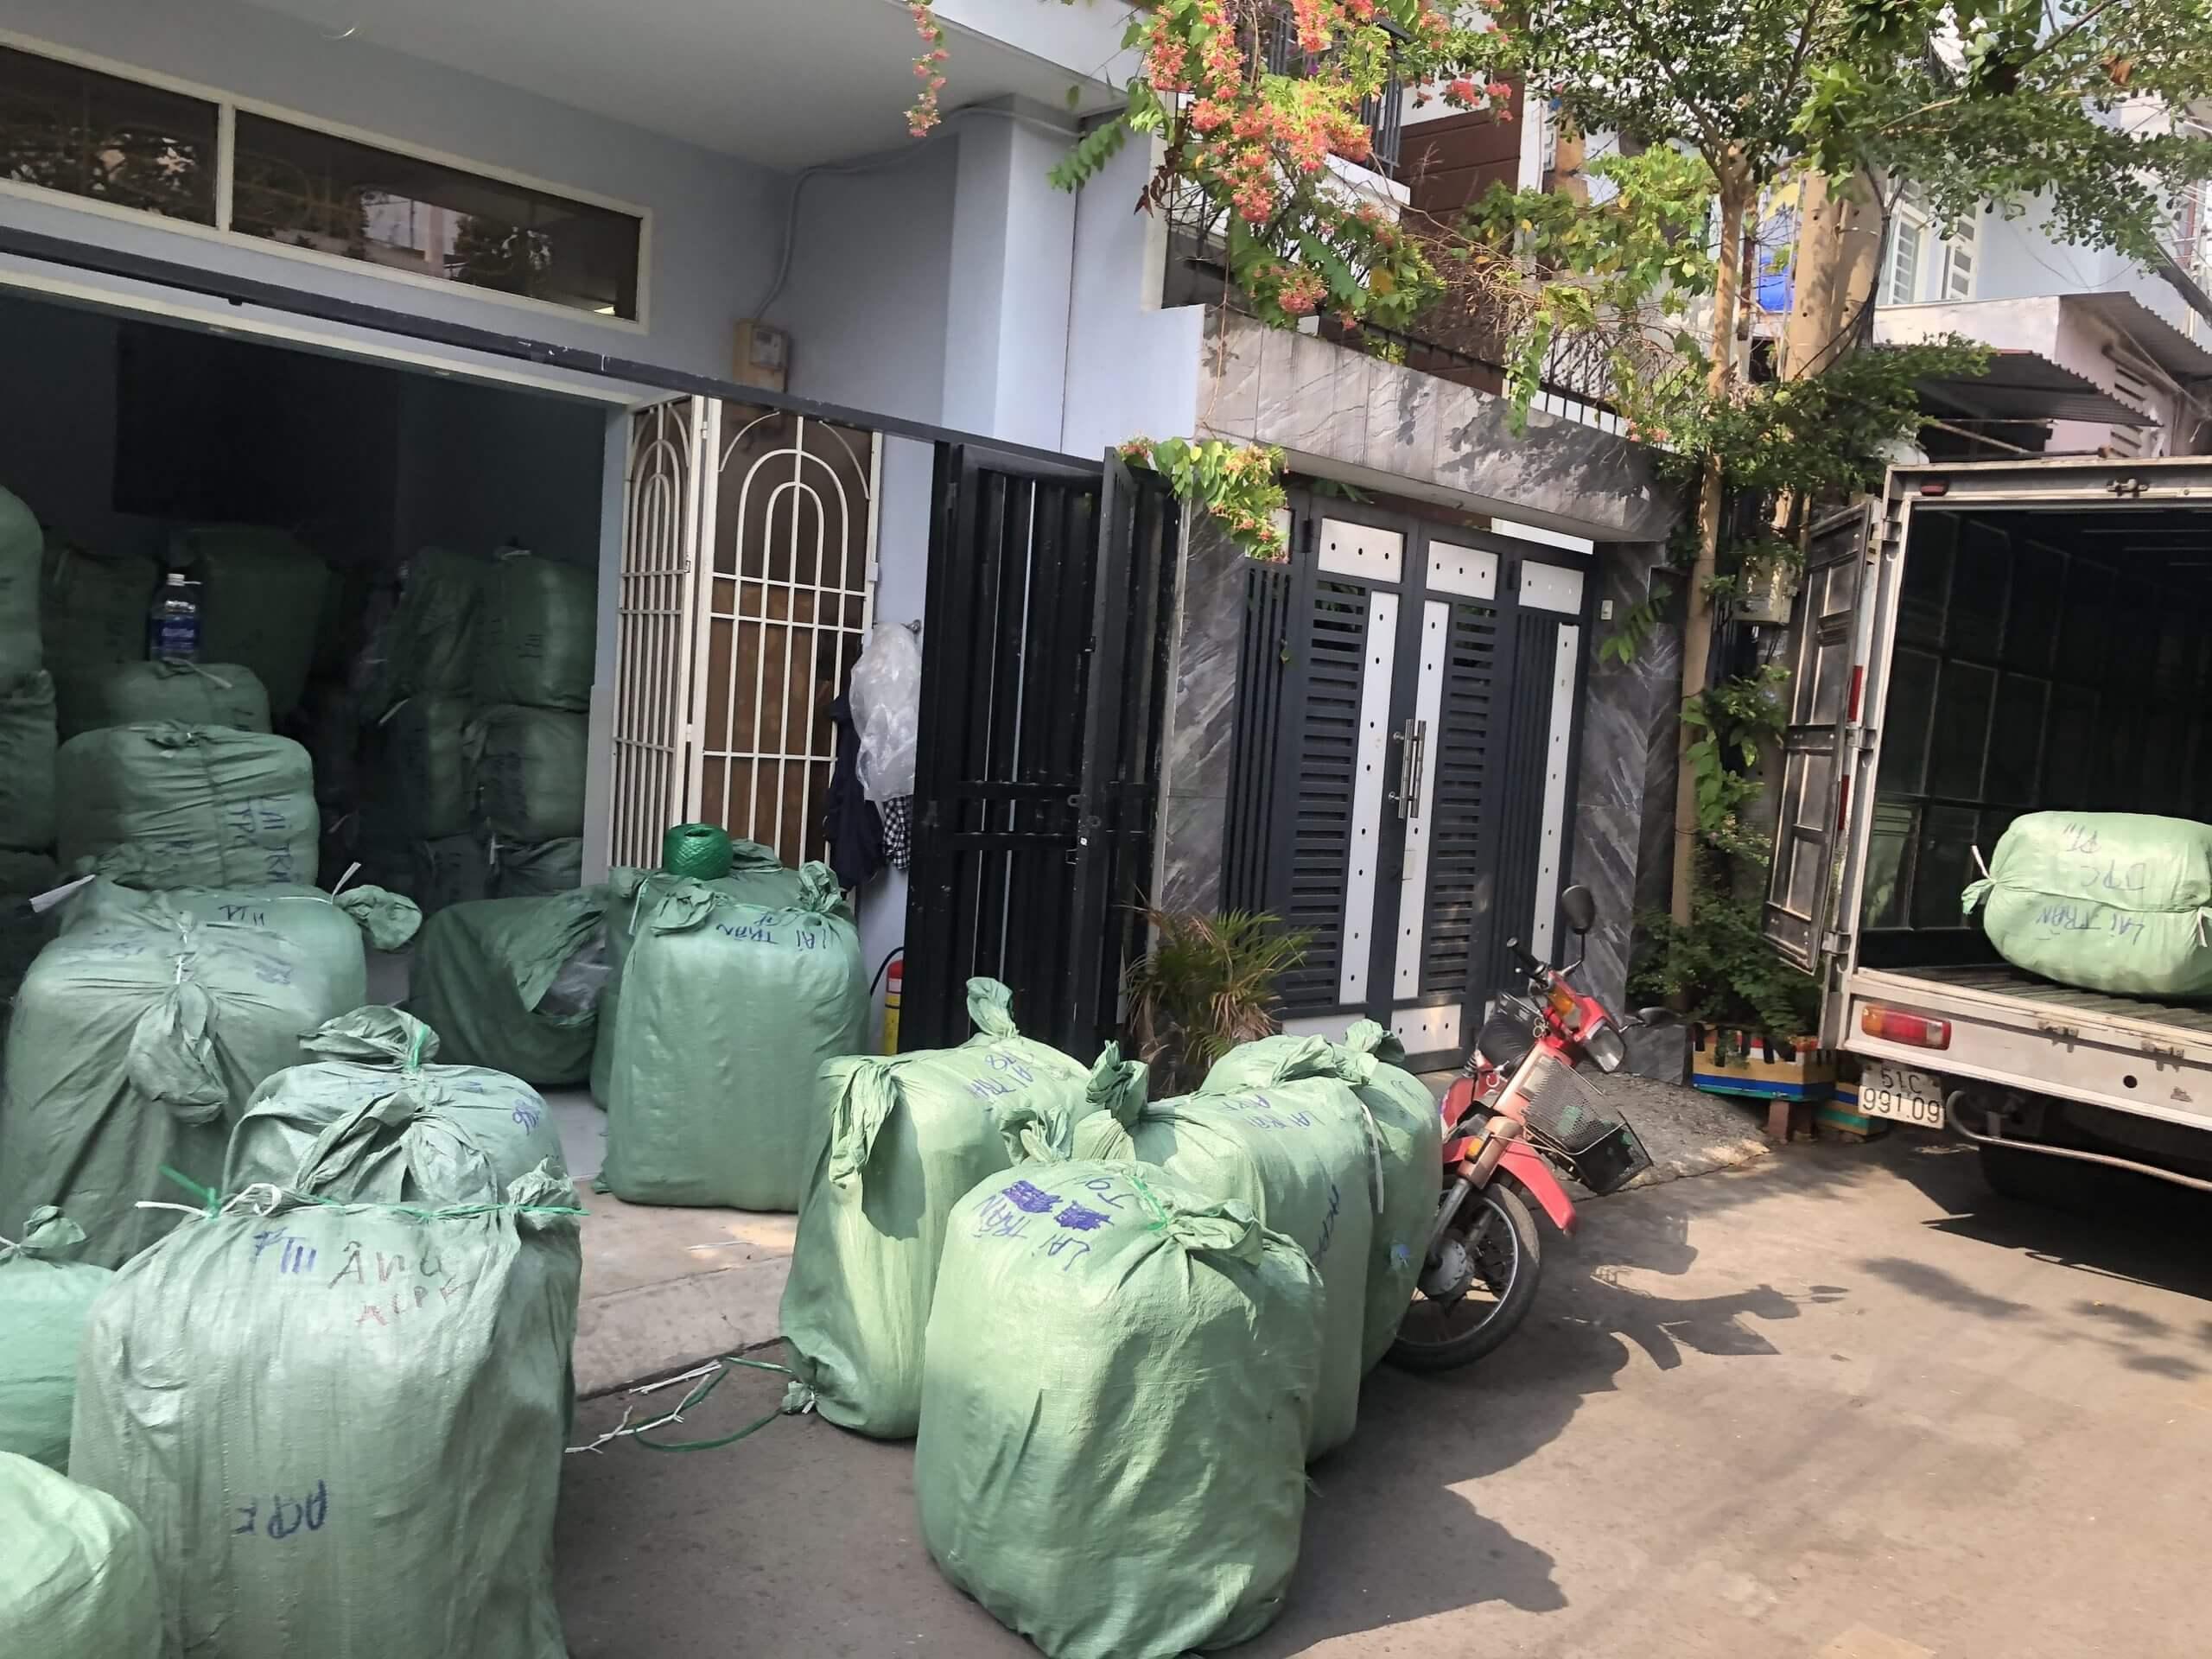 Hàng Kiện Campuchia. Com hiện có sẵn các loại boots hàng thùng nam nữ nhập từ Châu Á và Châu Âu với đa dạng loại hàng phù hợp với nhiều nhu cầu kinh doanh khác nha